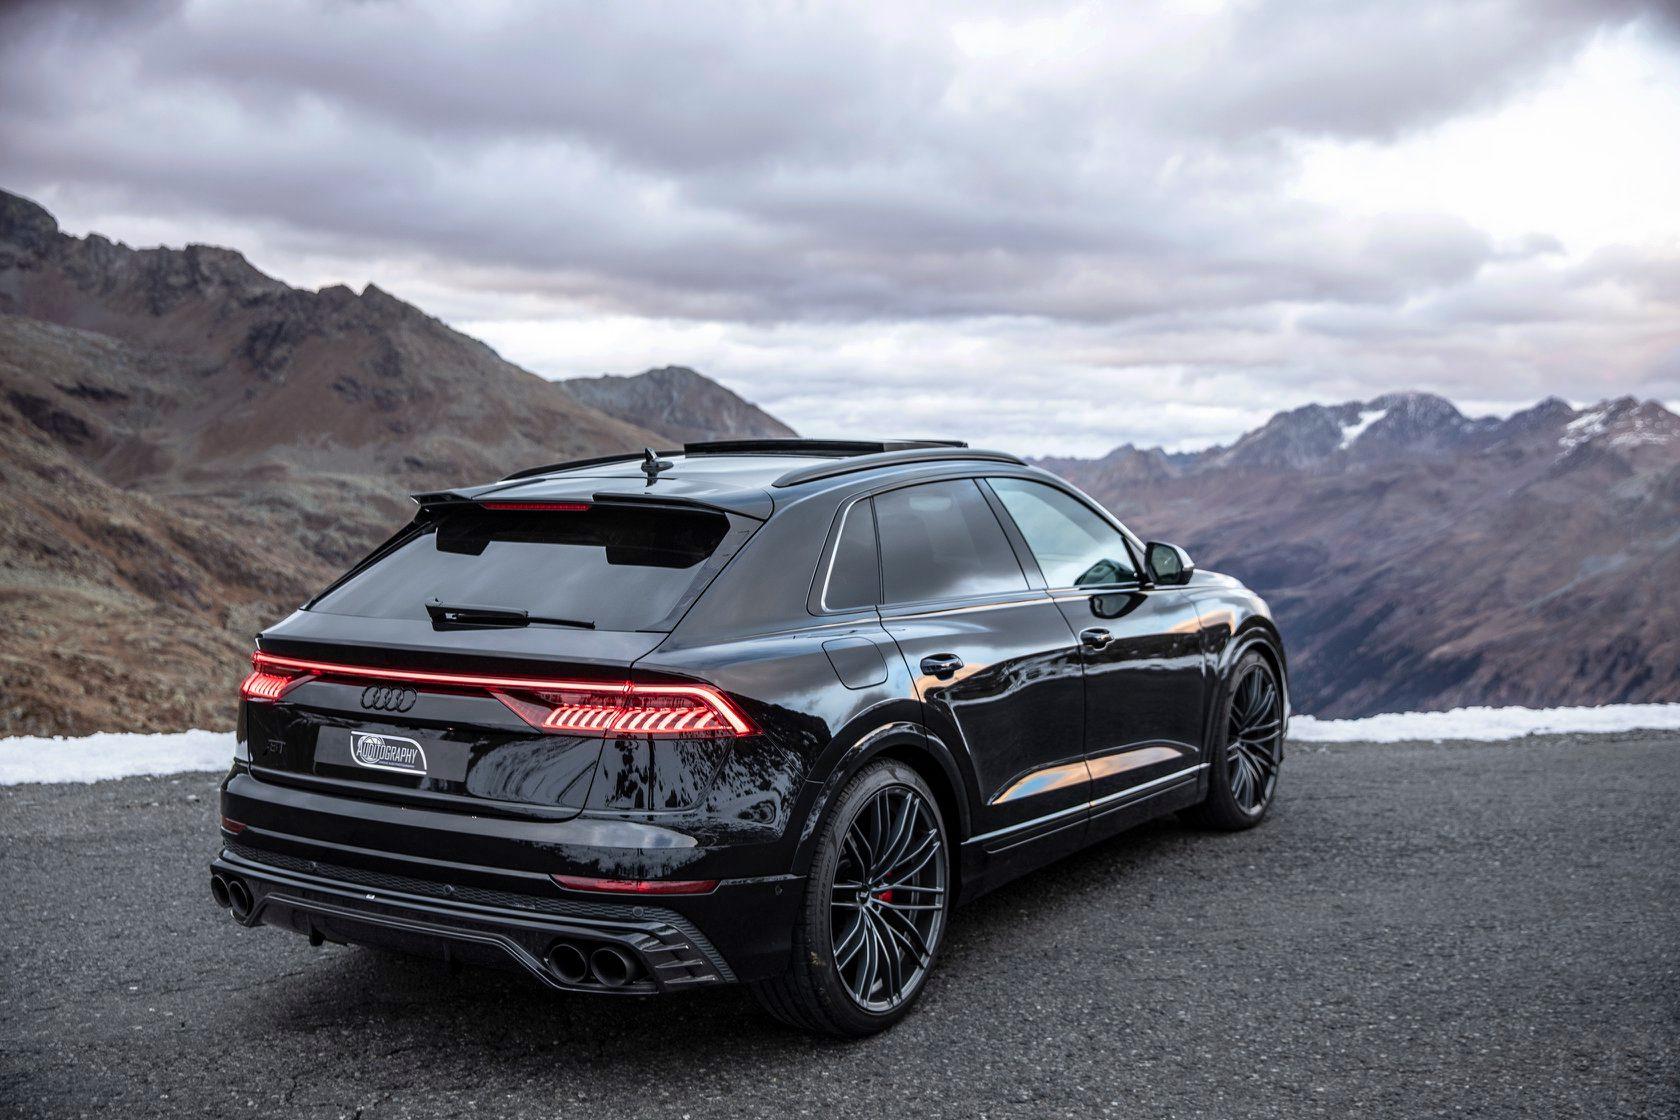 ABT stopt 520pk en 970 Nm koppel in Audi SQ8 2